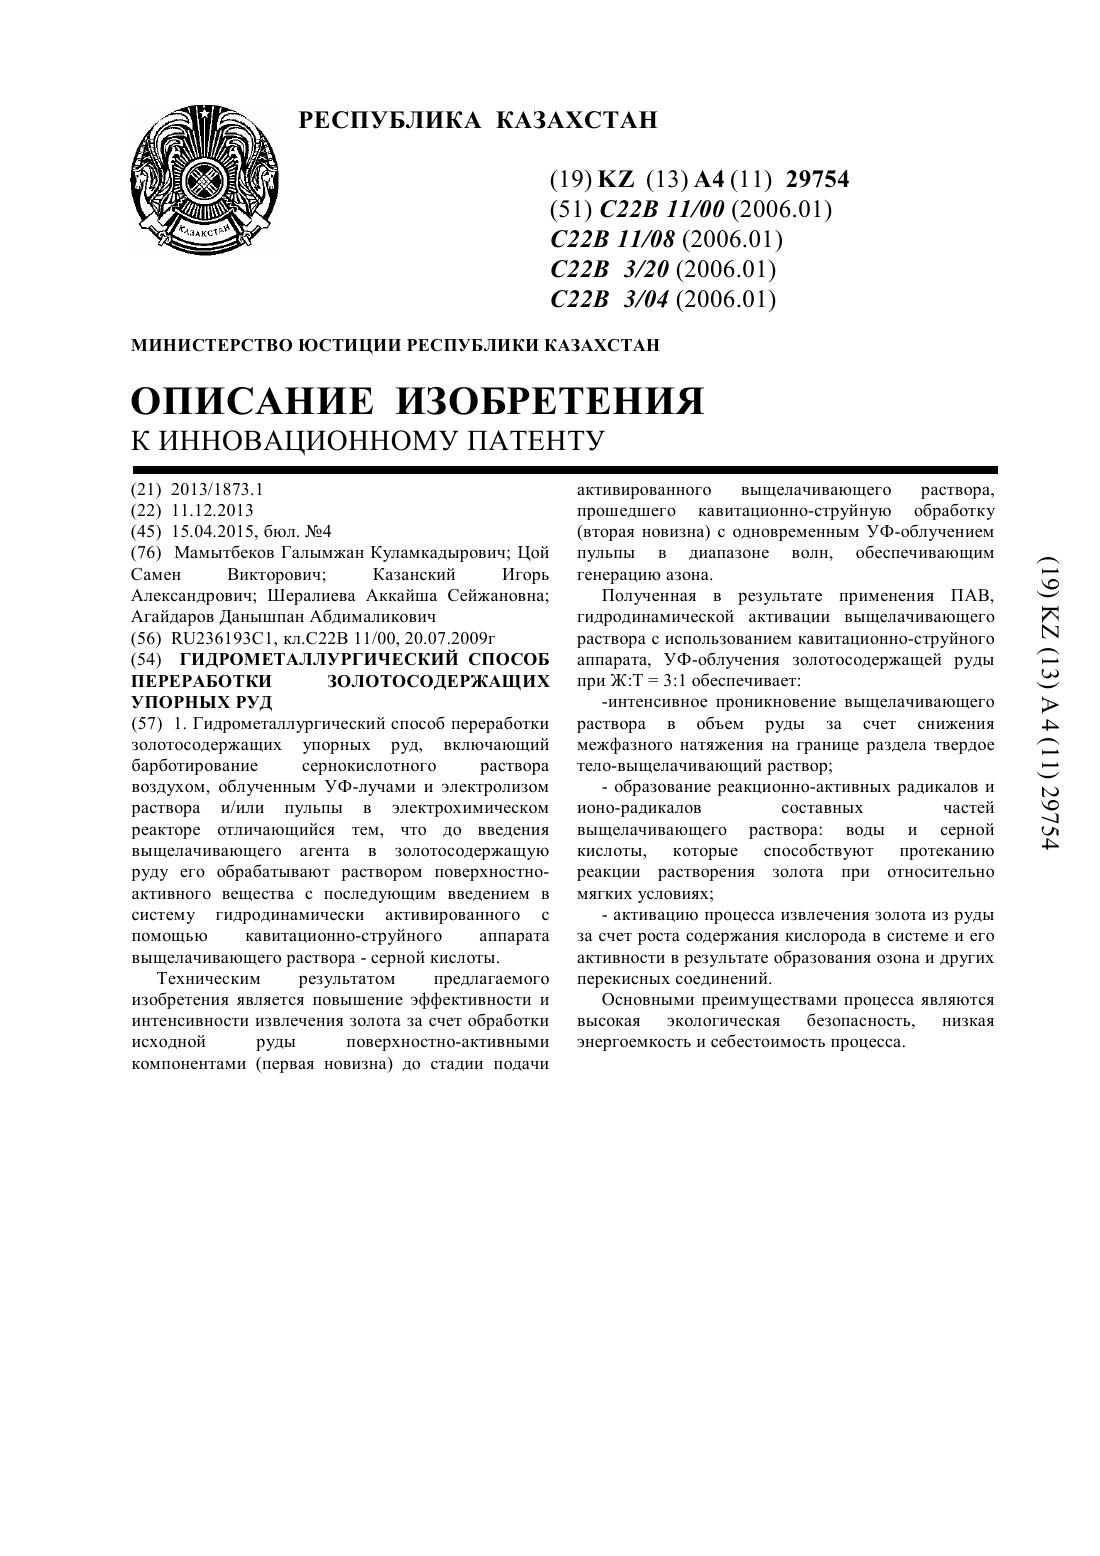 Бактериальное выщелачивание упорных руд в казахстане